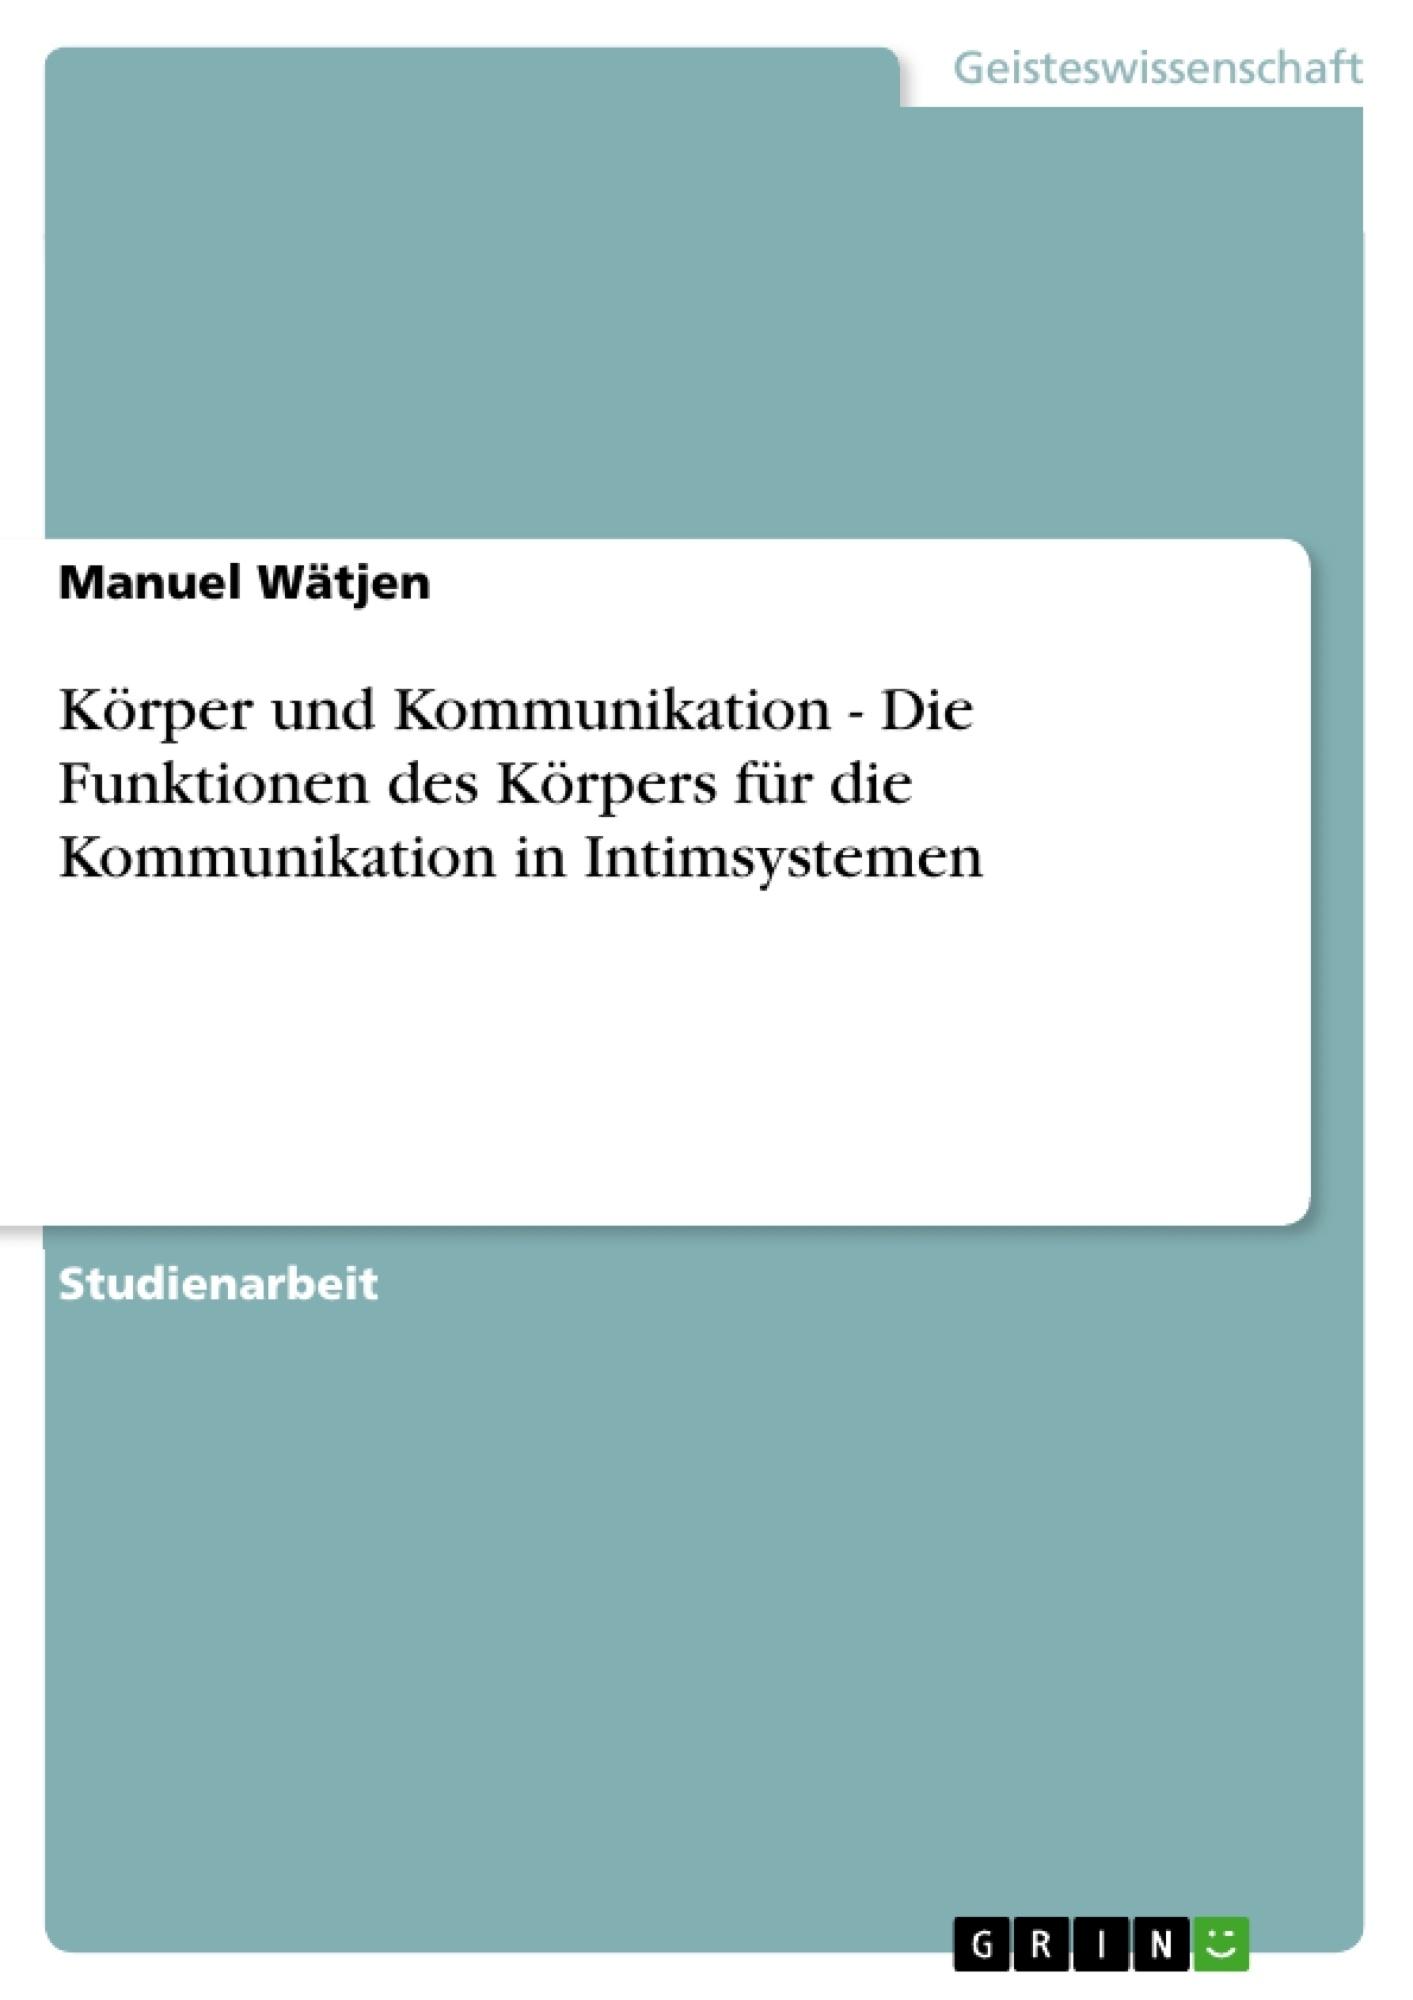 Titel: Körper und Kommunikation - Die Funktionen des Körpers für die Kommunikation in Intimsystemen